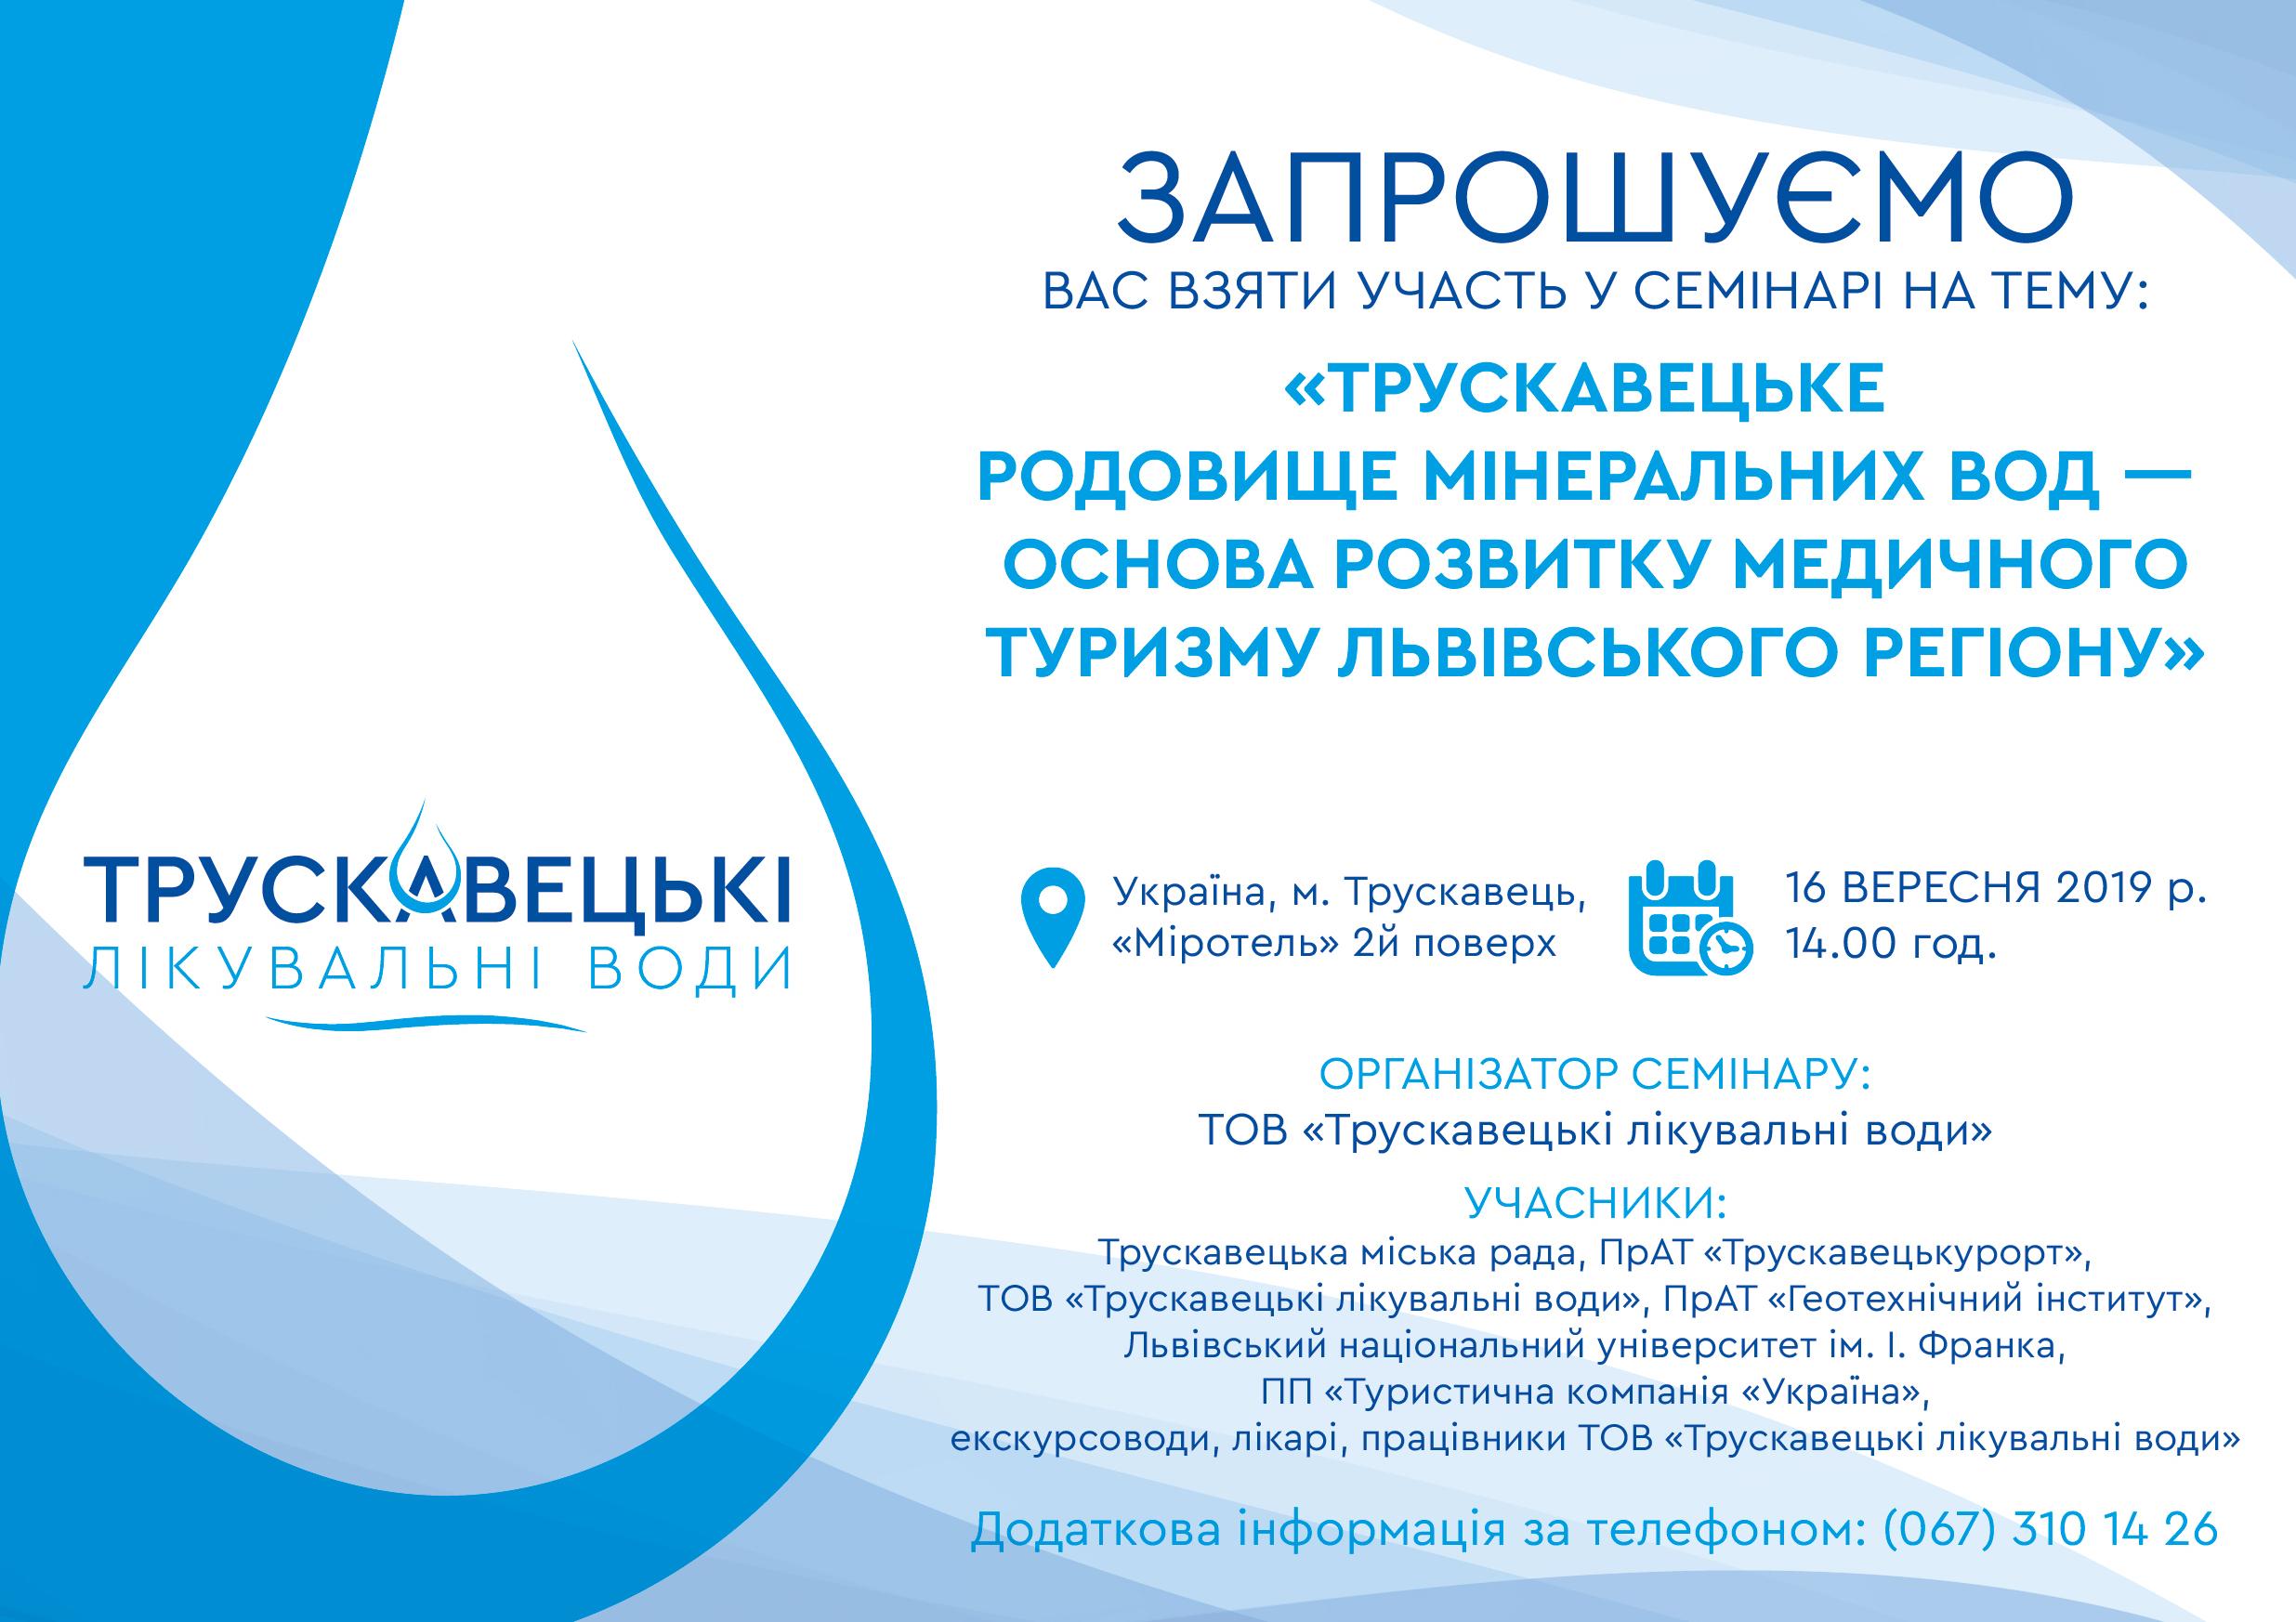 Трускавецьке родовище мінеральних вод — основа розвитку медичного туризму Львівського регіону